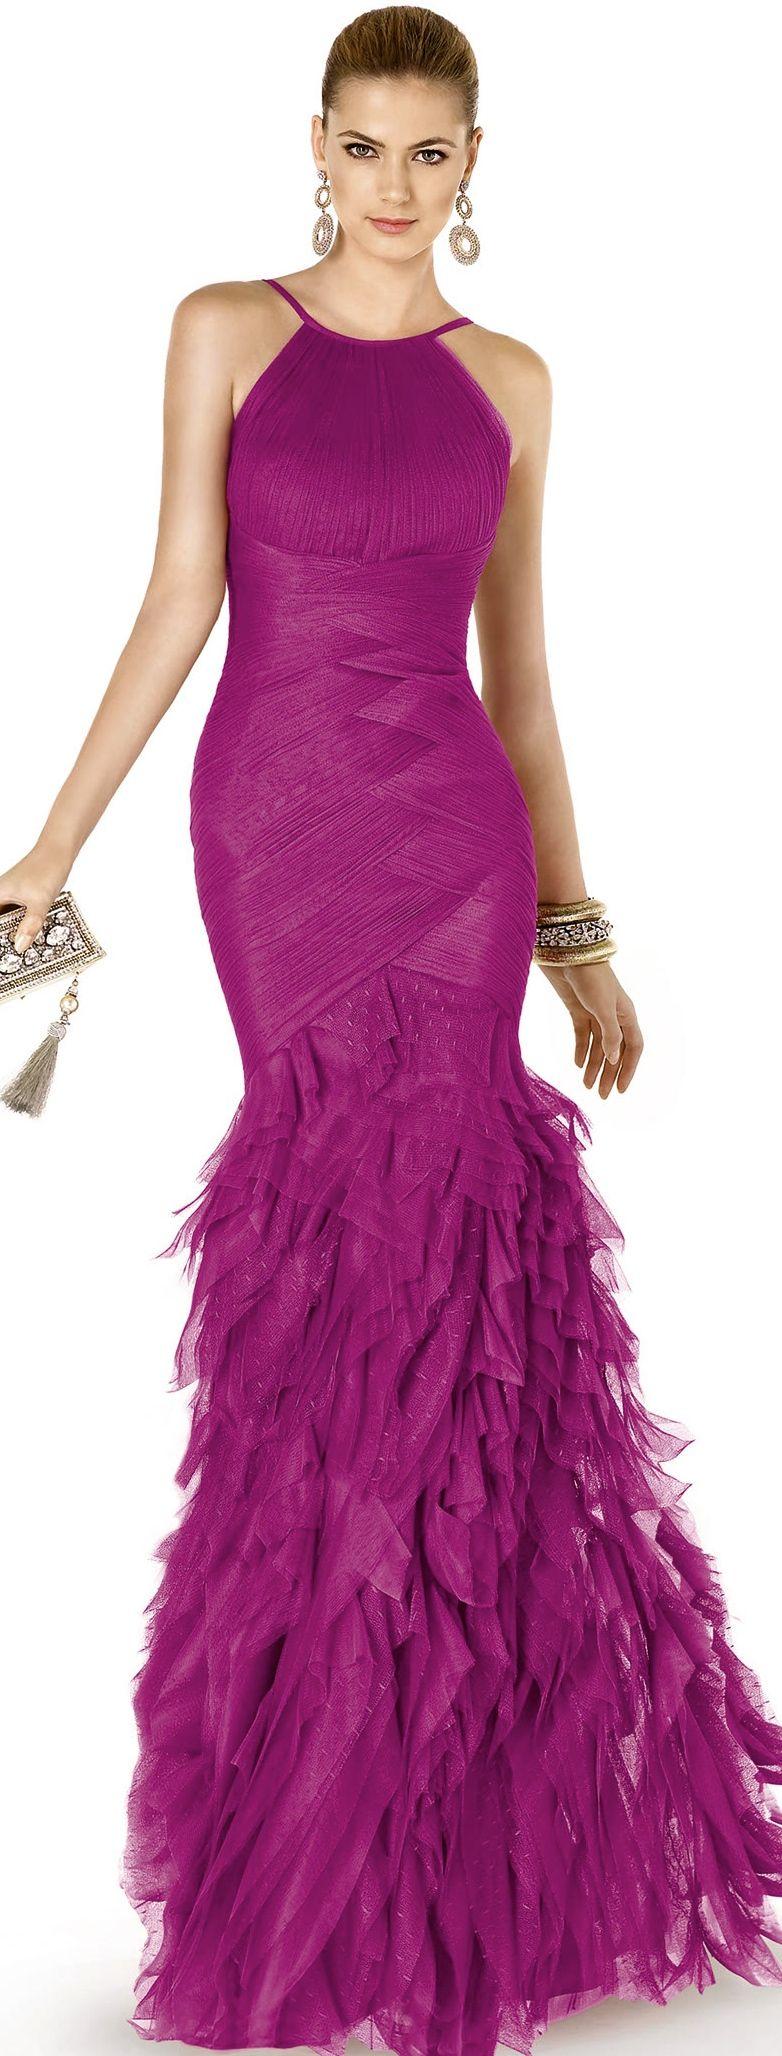 Una #invitada de #boda realmente perecta con este vestido de ...